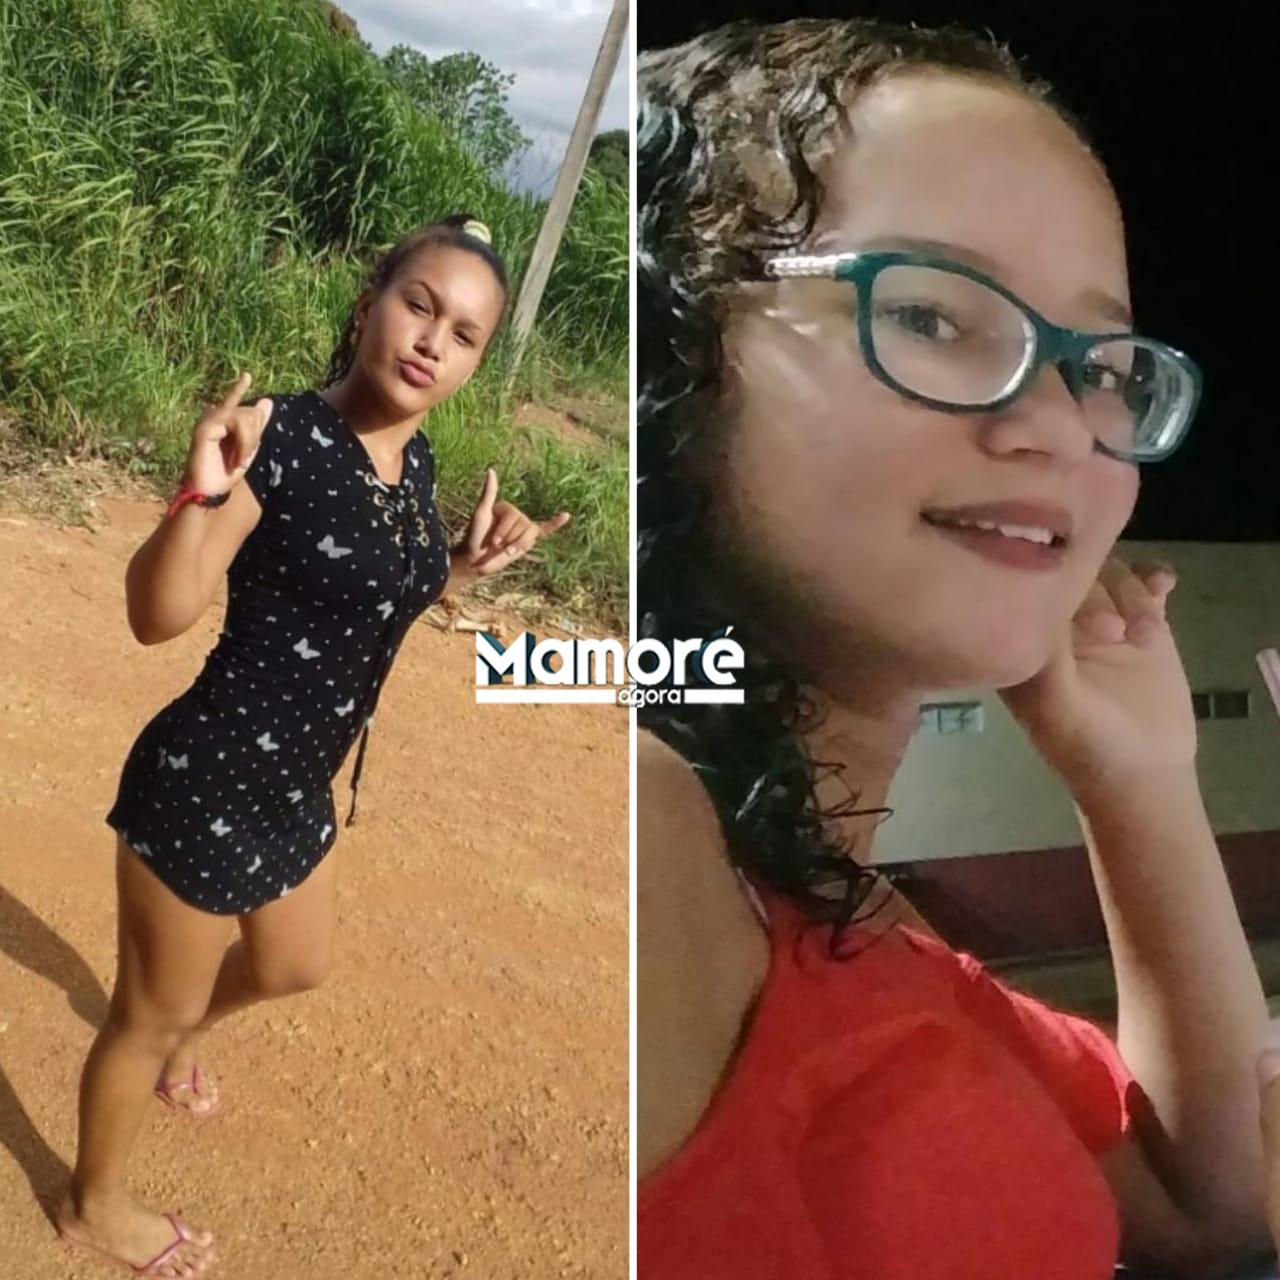 c0540dd38ad FAMÍLIA PROCURA POR DUAS ADOLESCENTES QUE ESTÃO DESAPARECIDAS DE ...